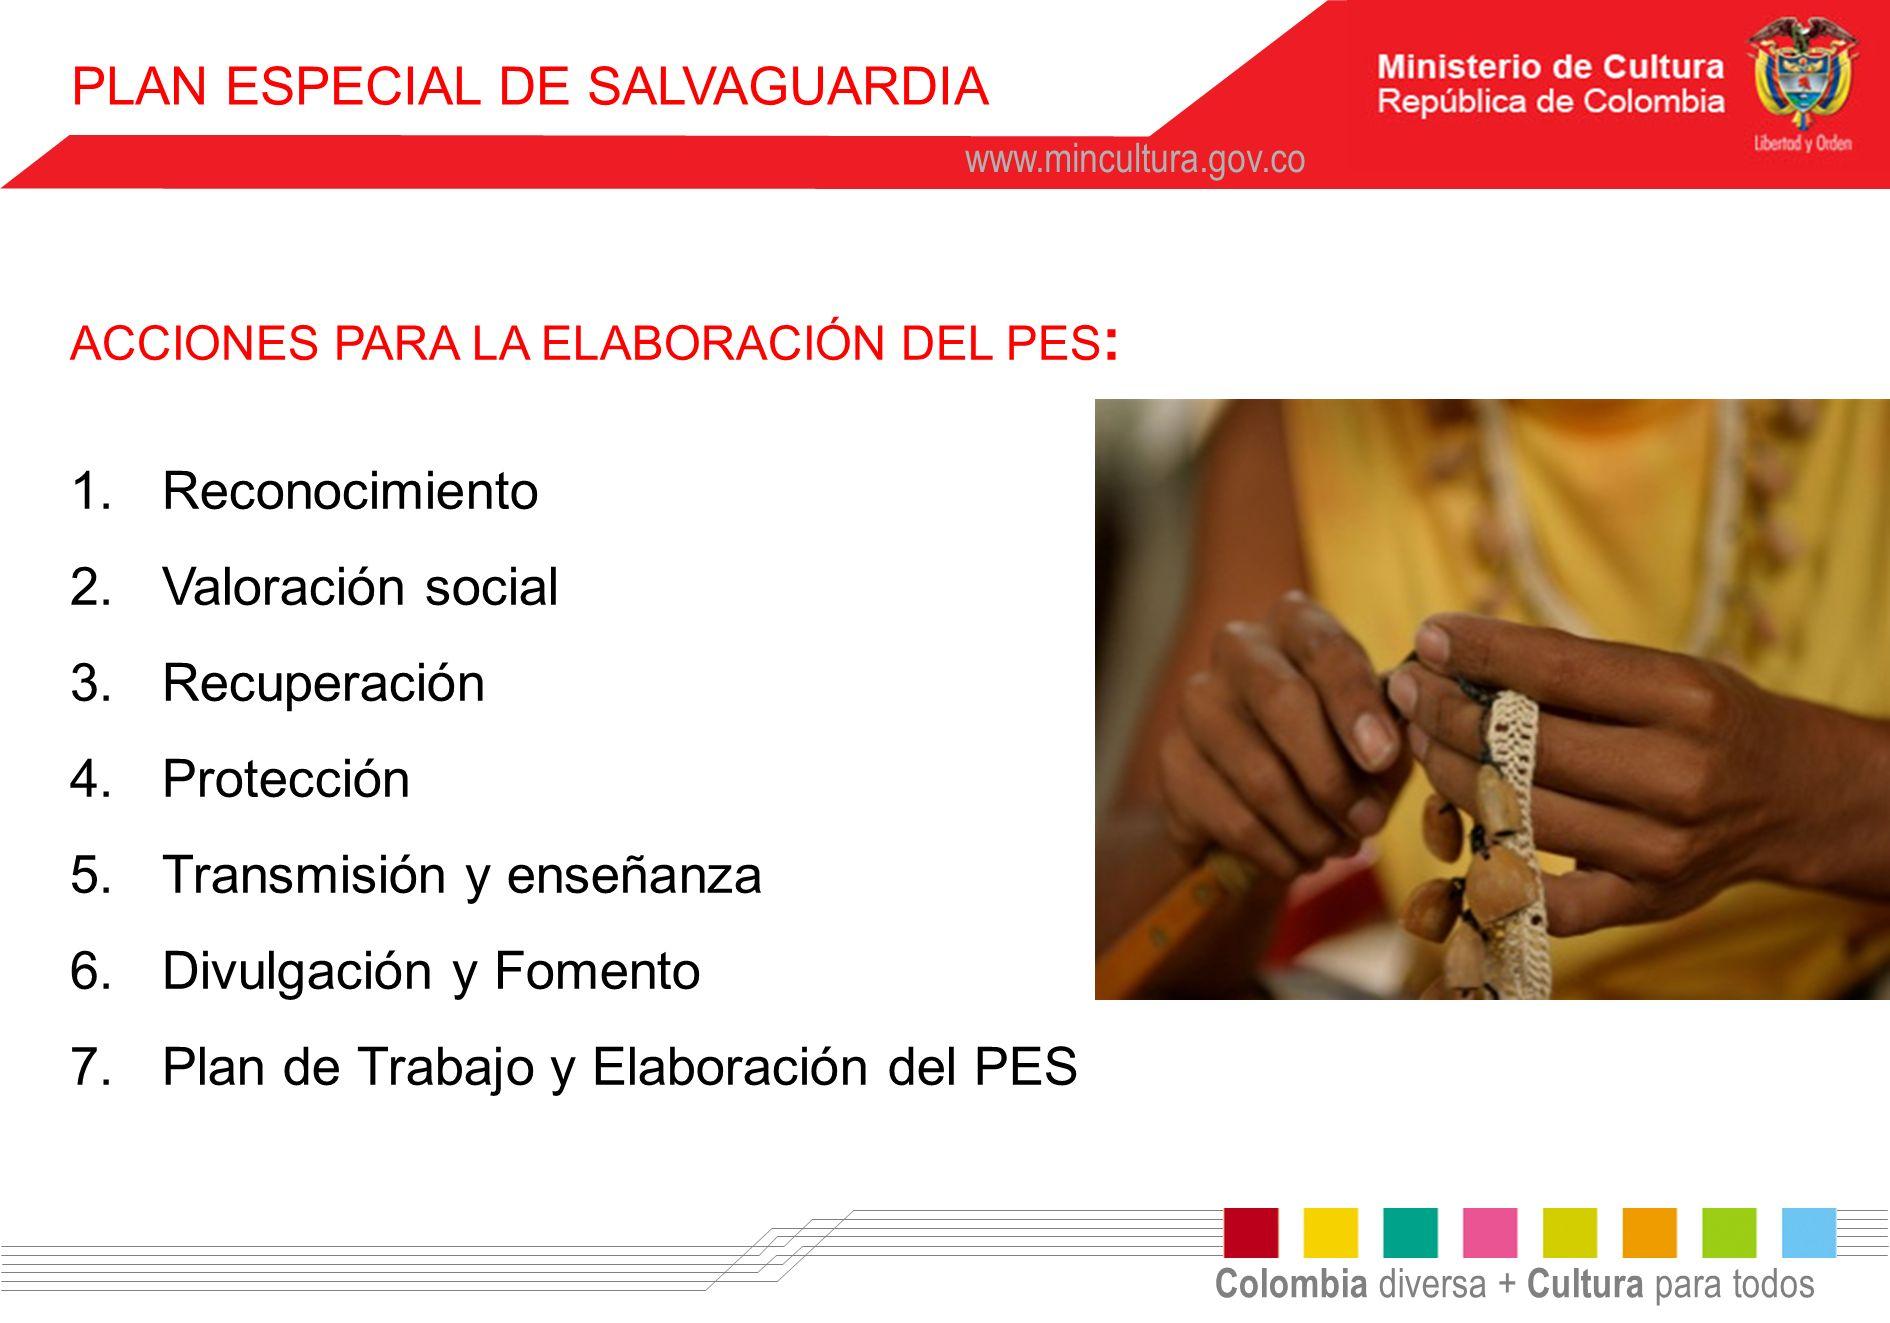 Colombia diversa + Cultura para todos www.mincultura.gov.co ACCIONES PARA LA ELABORACIÓN DEL PES : 1.Reconocimiento 2.Valoración social 3.Recuperación